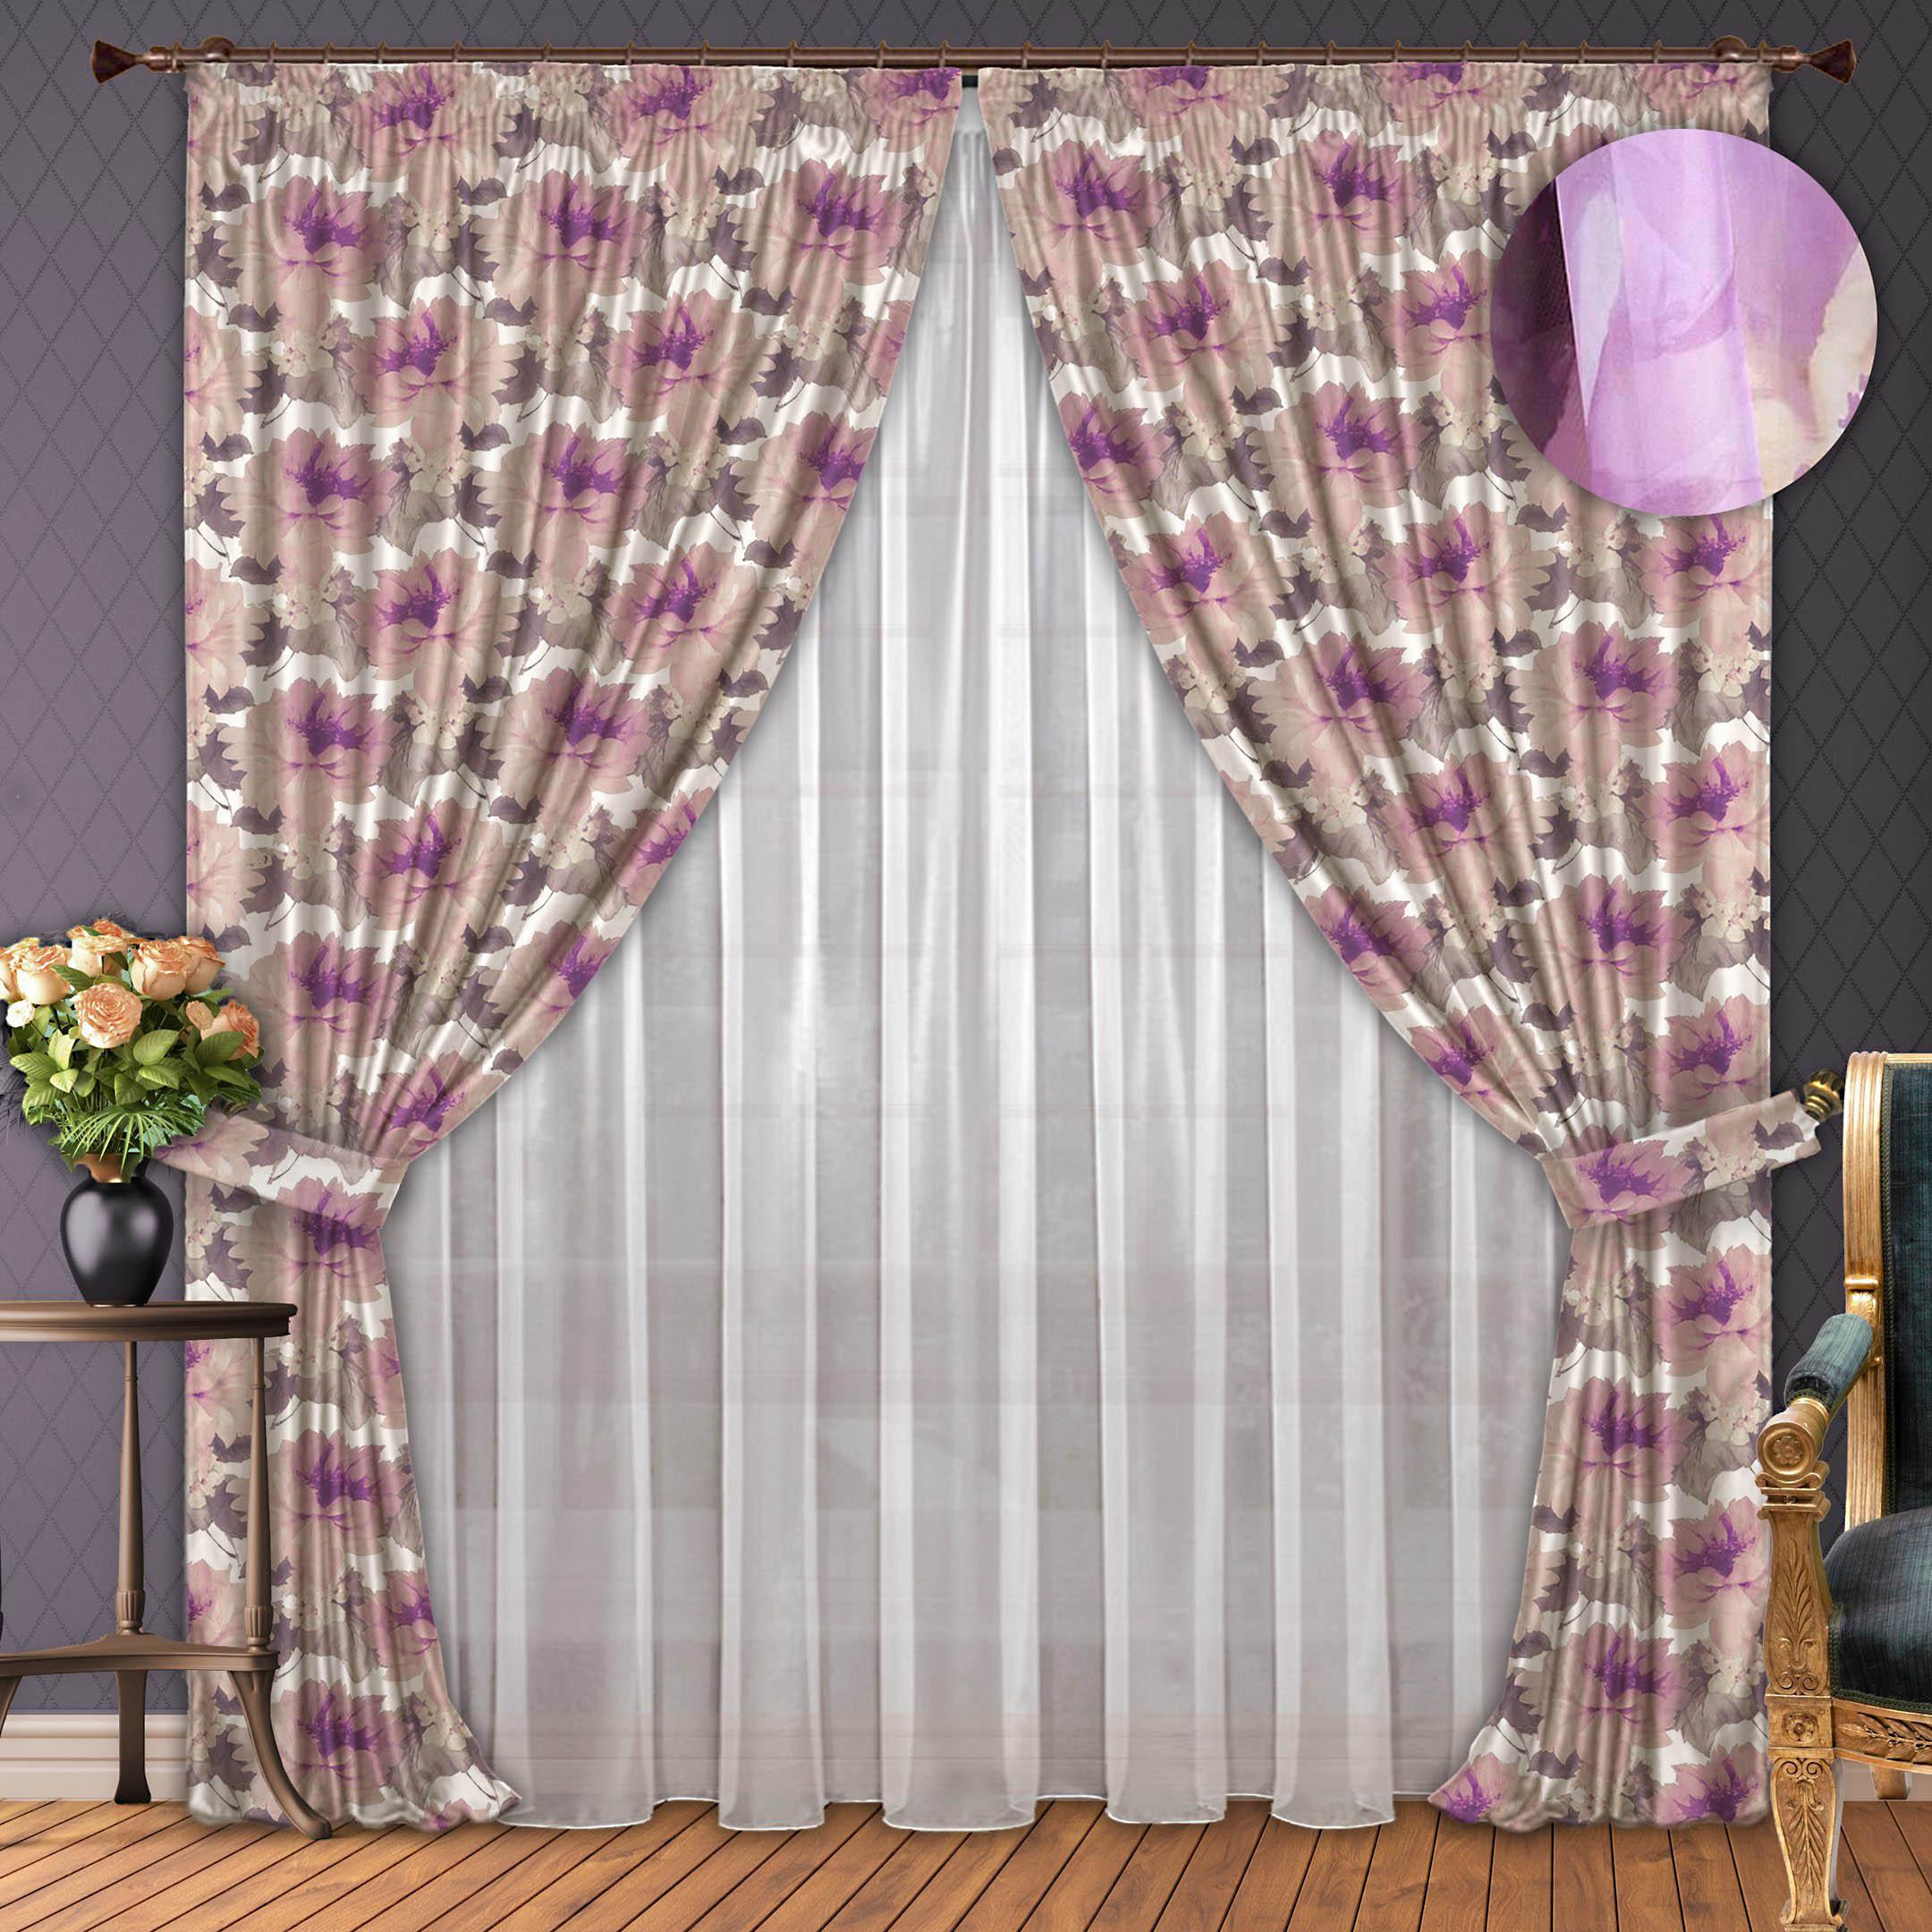 Шторы РеалТекс Классические шторы Веселье Цвет: Cирень шторы tac классические шторы winx цвет персиковый 200x265 см